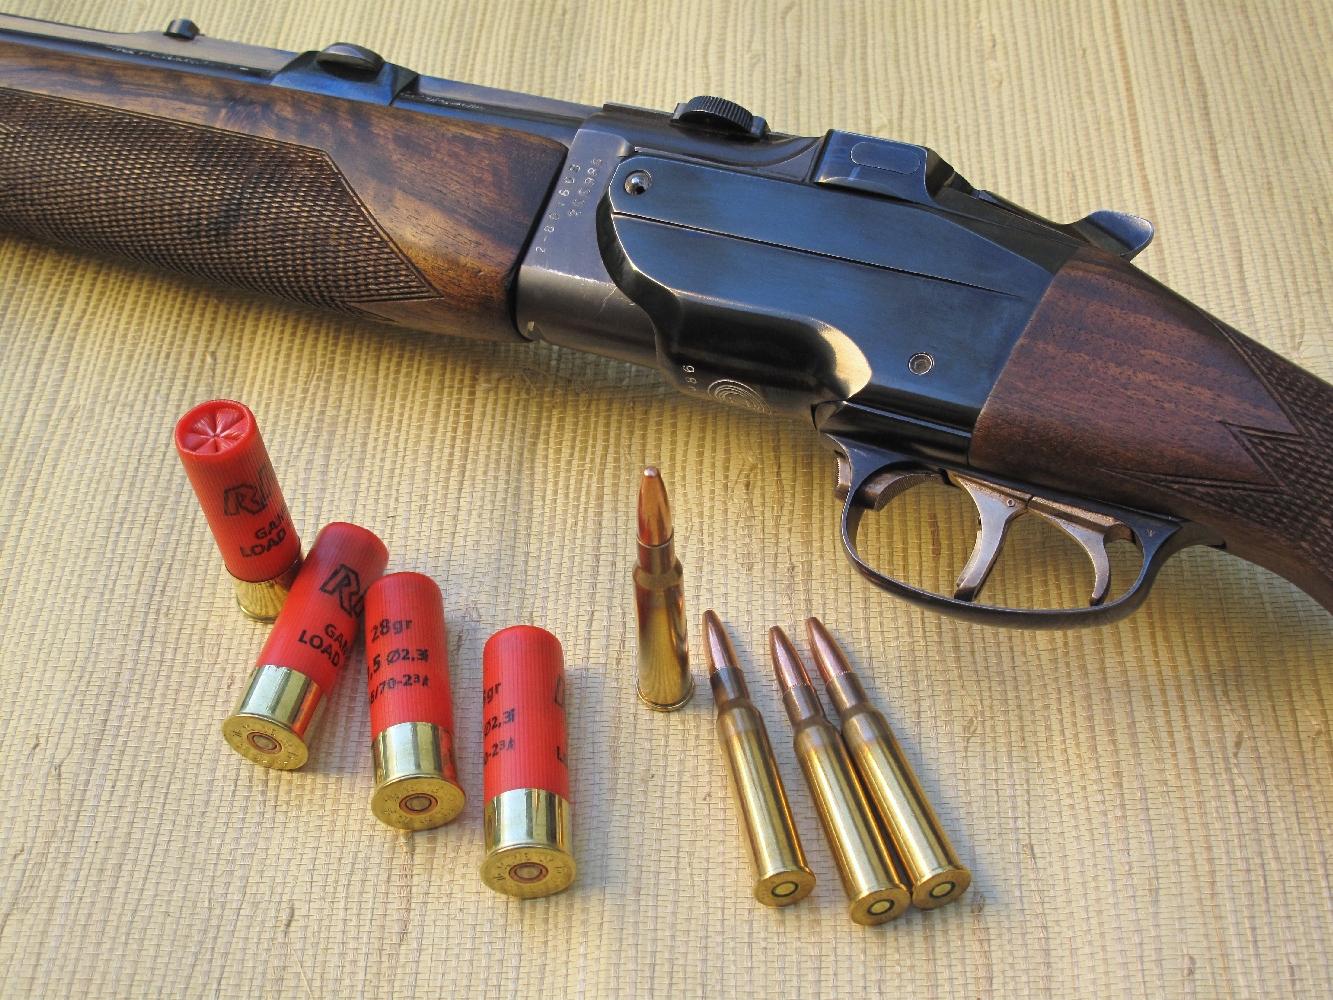 Une fois approvisionné, ce fusil permet de tirer indifféremment une cartouche à balle de calibre 7x57R ou une cartouche à grenaille de calibre 16. Il suffit de ne pas se tromper de queue de détente…